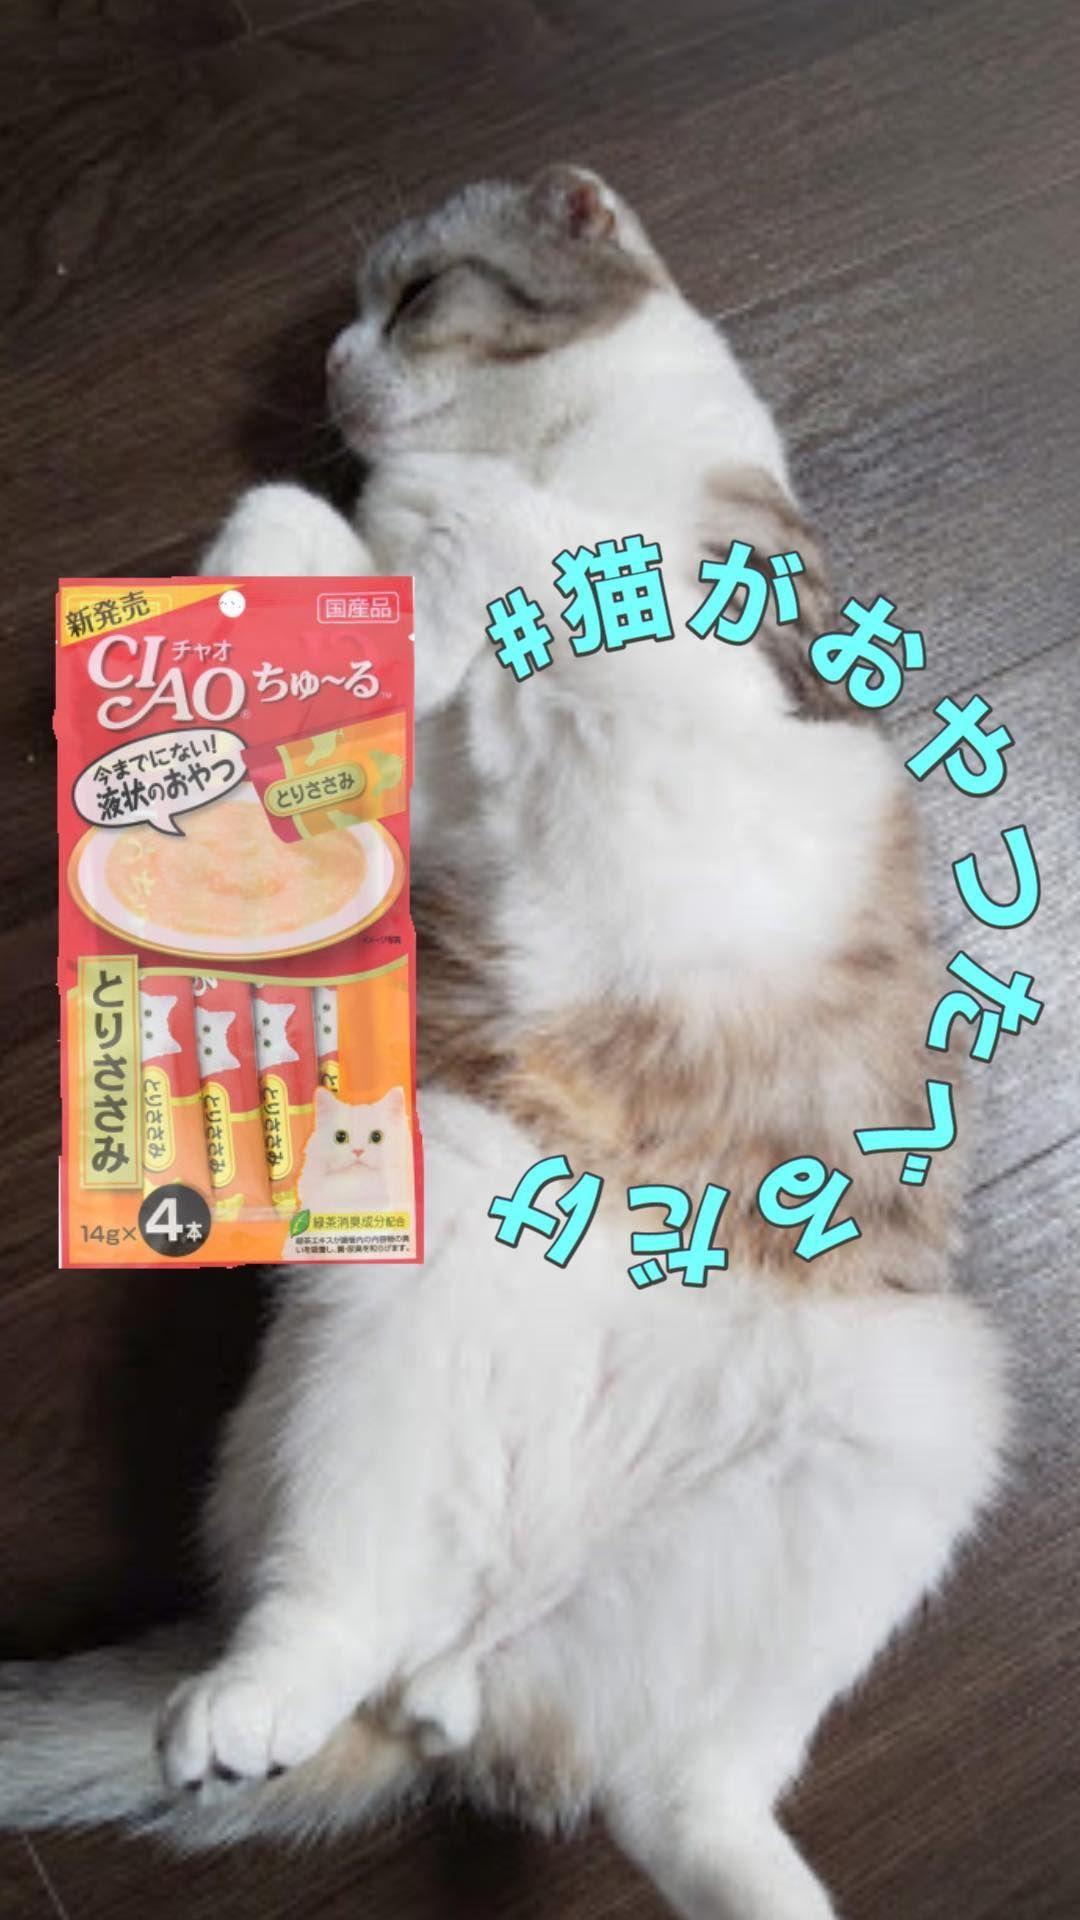 いいね 0件 コメント0件 猫がごはんたべるだけ Naz Tsukimi のinstagramアカウント ハチワレのなずなと スコティッシュのつきみのおやつレビューです 2匹のもぐもぐタイムをのぞいみませんか 食べているごはん Tv